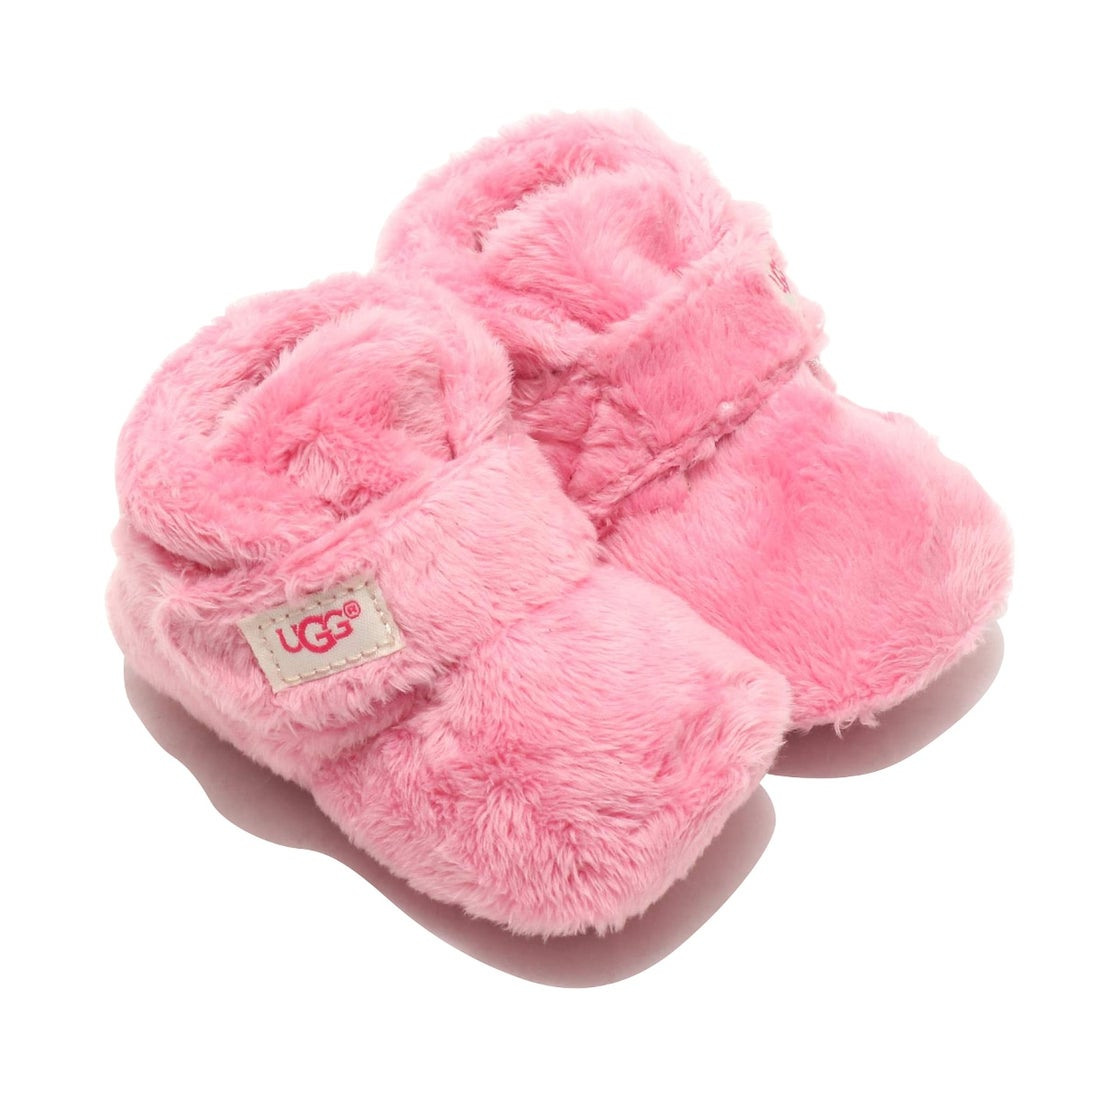 ロコンド 靴とファッションの通販サイトアグ UGG UGG BIXBEE AND LOVEY (PINK)